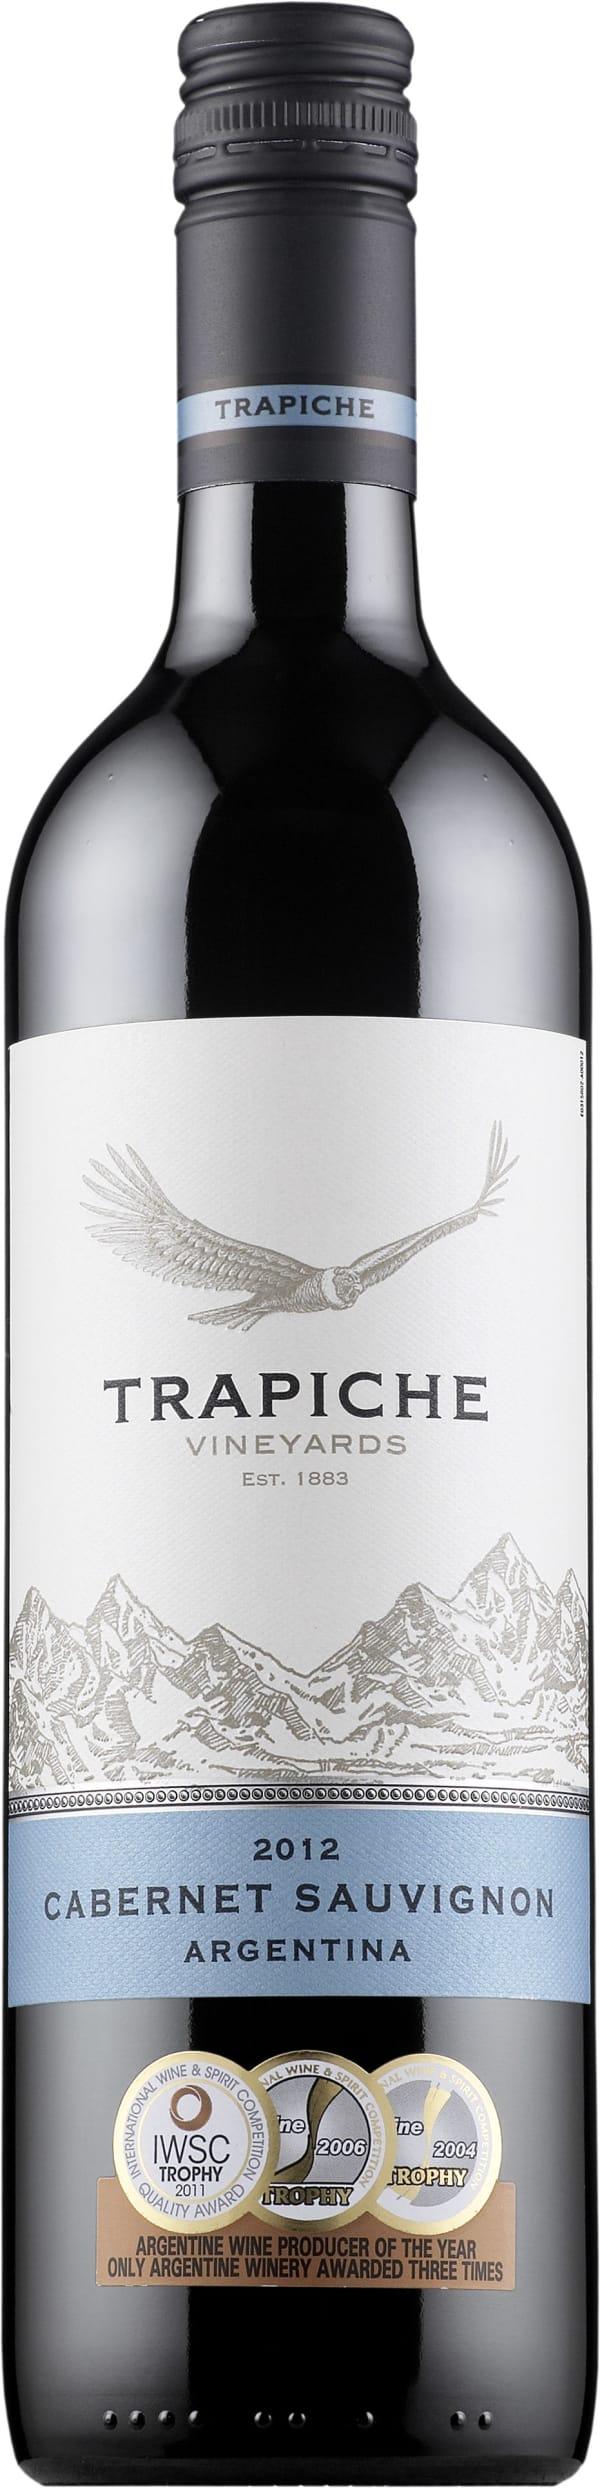 Trapiche Cabernet Sauvignon 2016